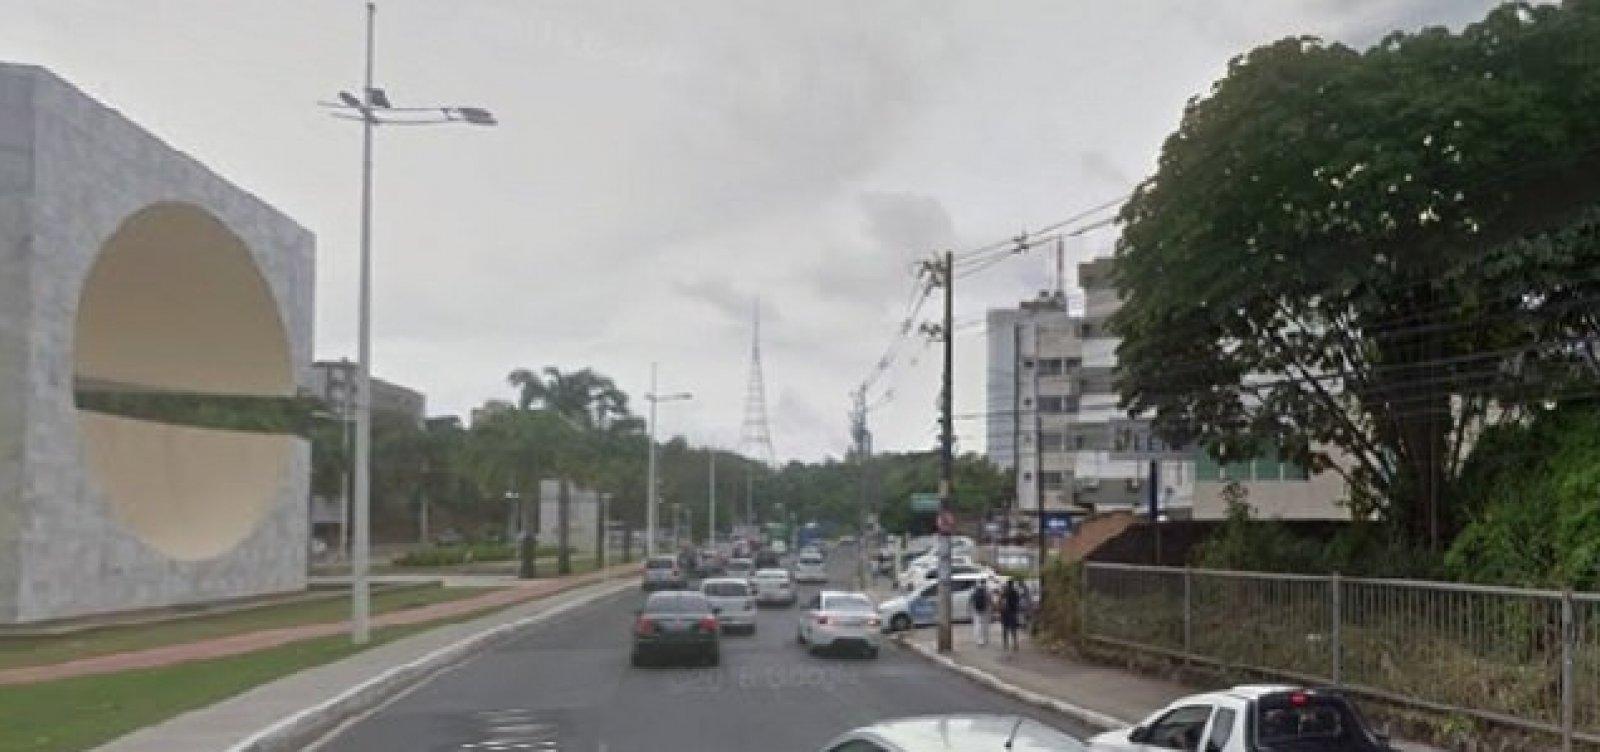 Vazamento de água em pista deixa trânsito lento na Avenida Garibaldi